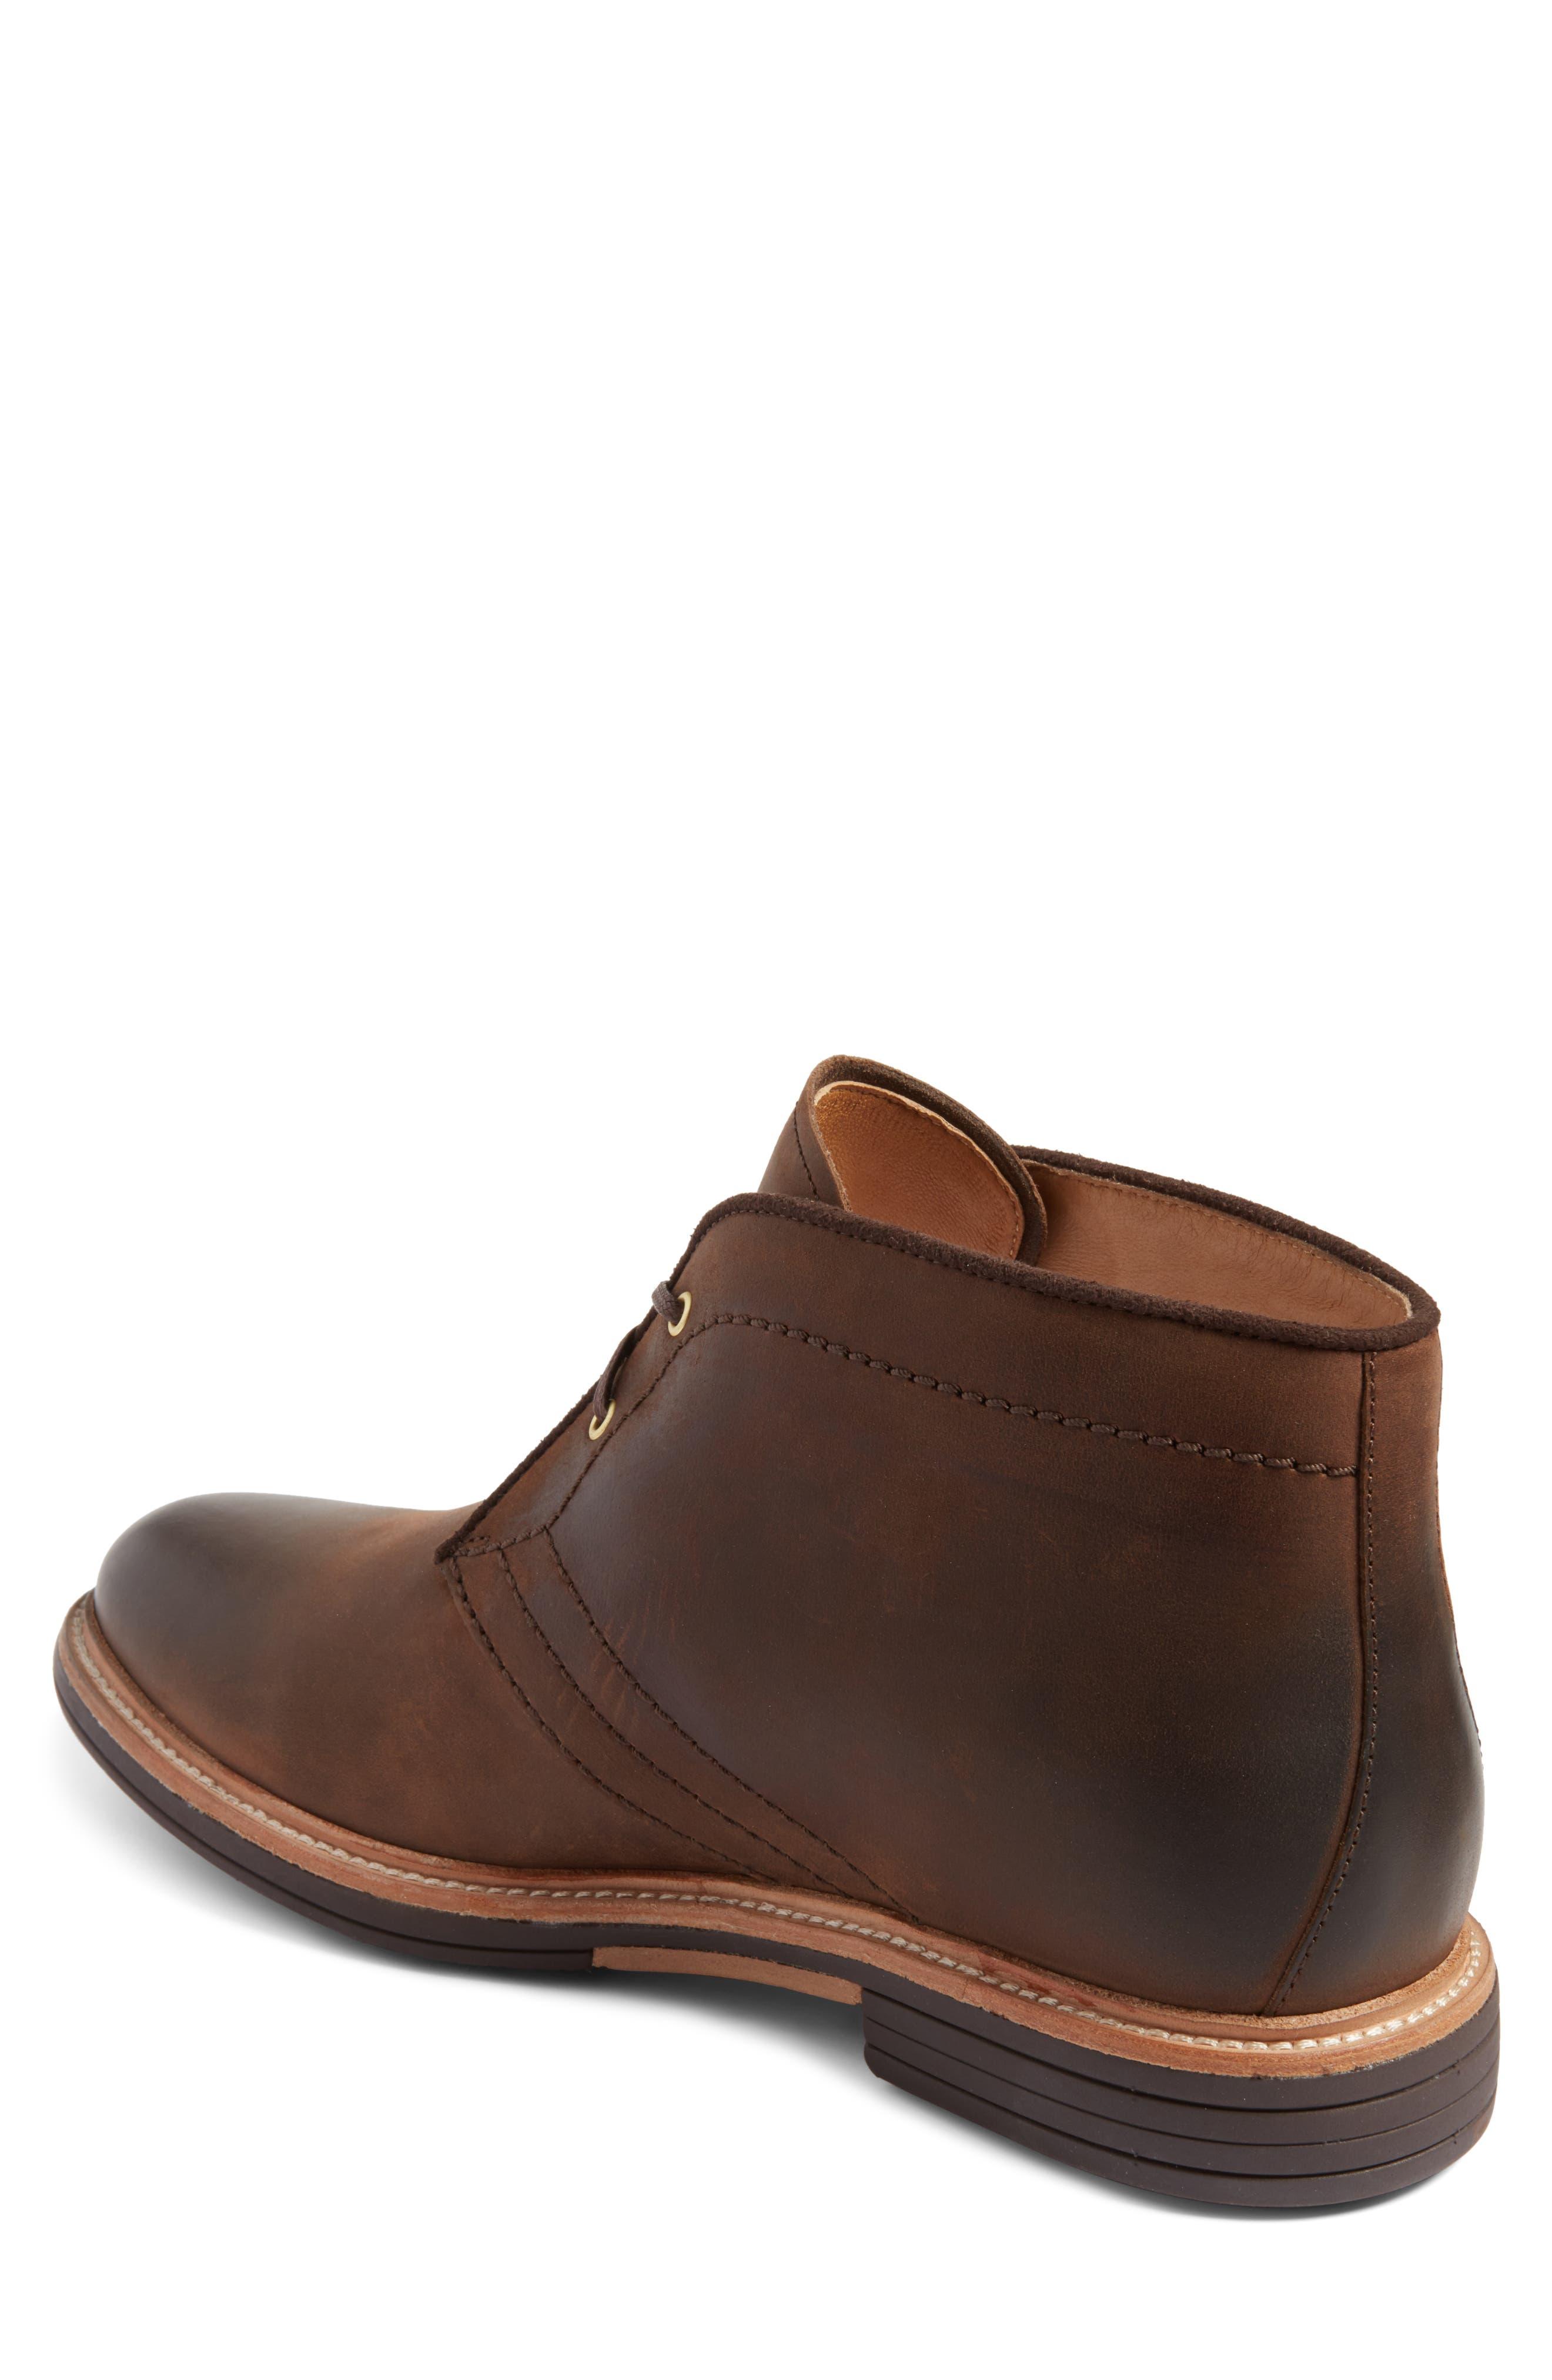 Alternate Image 2  - UGG® Australia Dagmann Chukka Boot (Men)